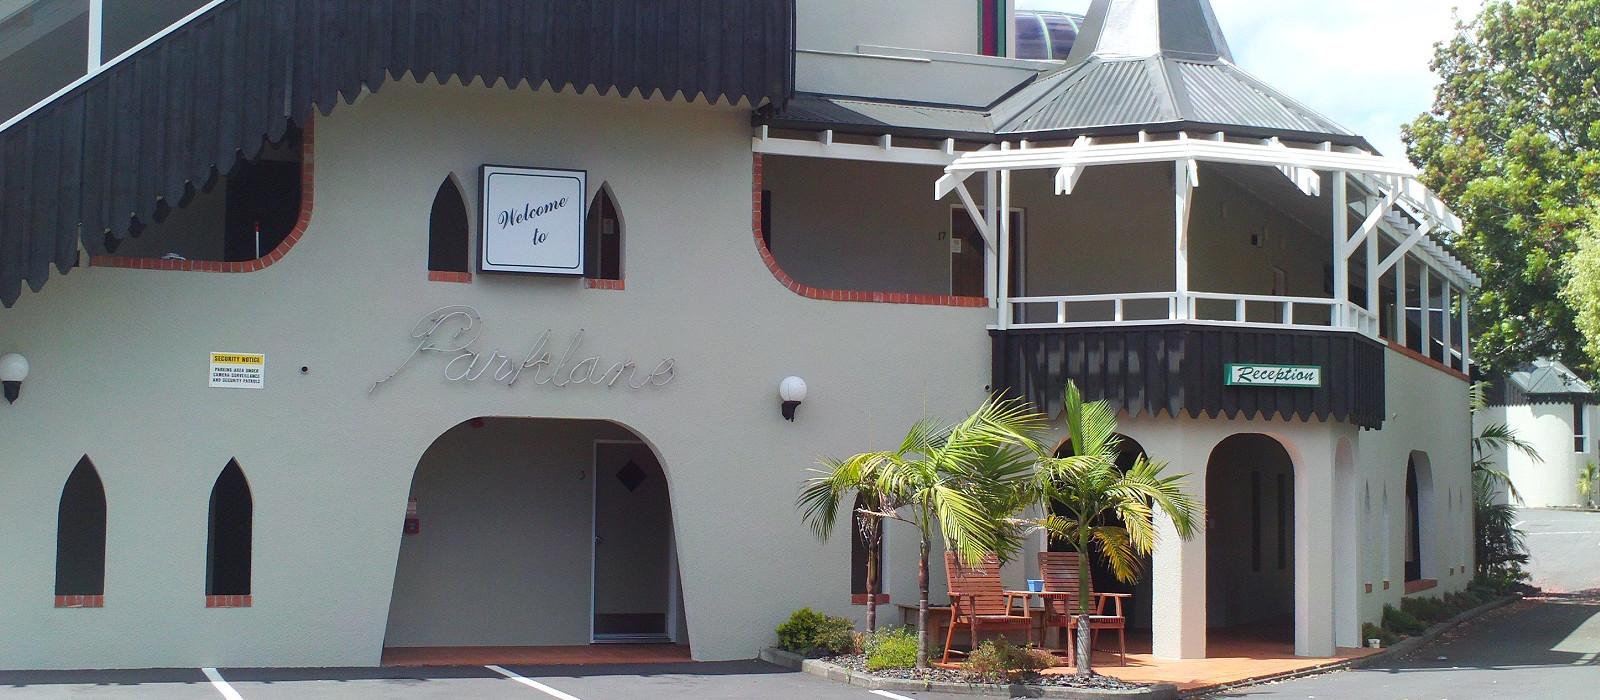 Hotel Parklane Motor Lodge Neuseeland